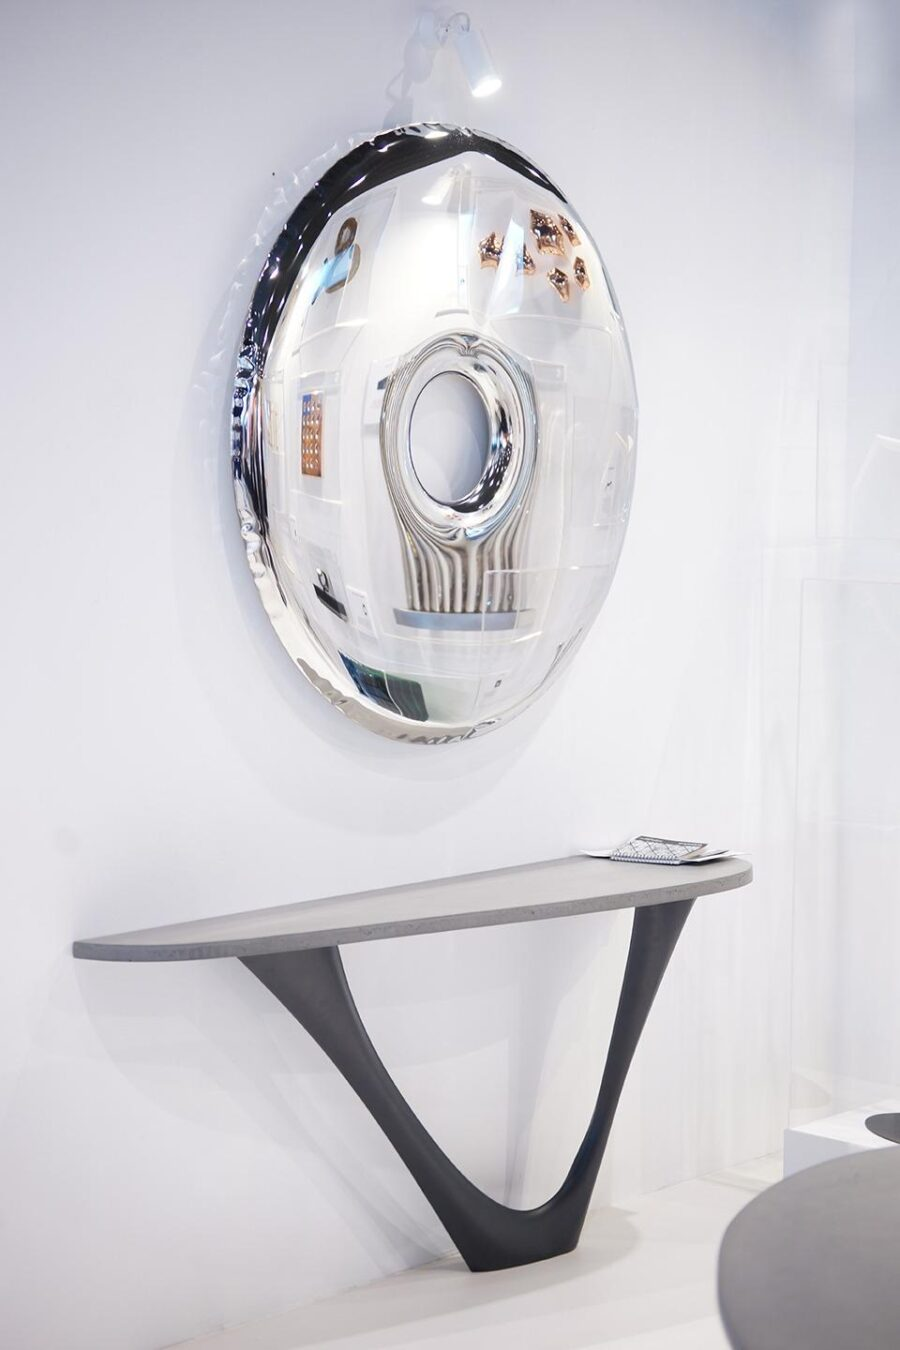 g-console mono rondo mirror